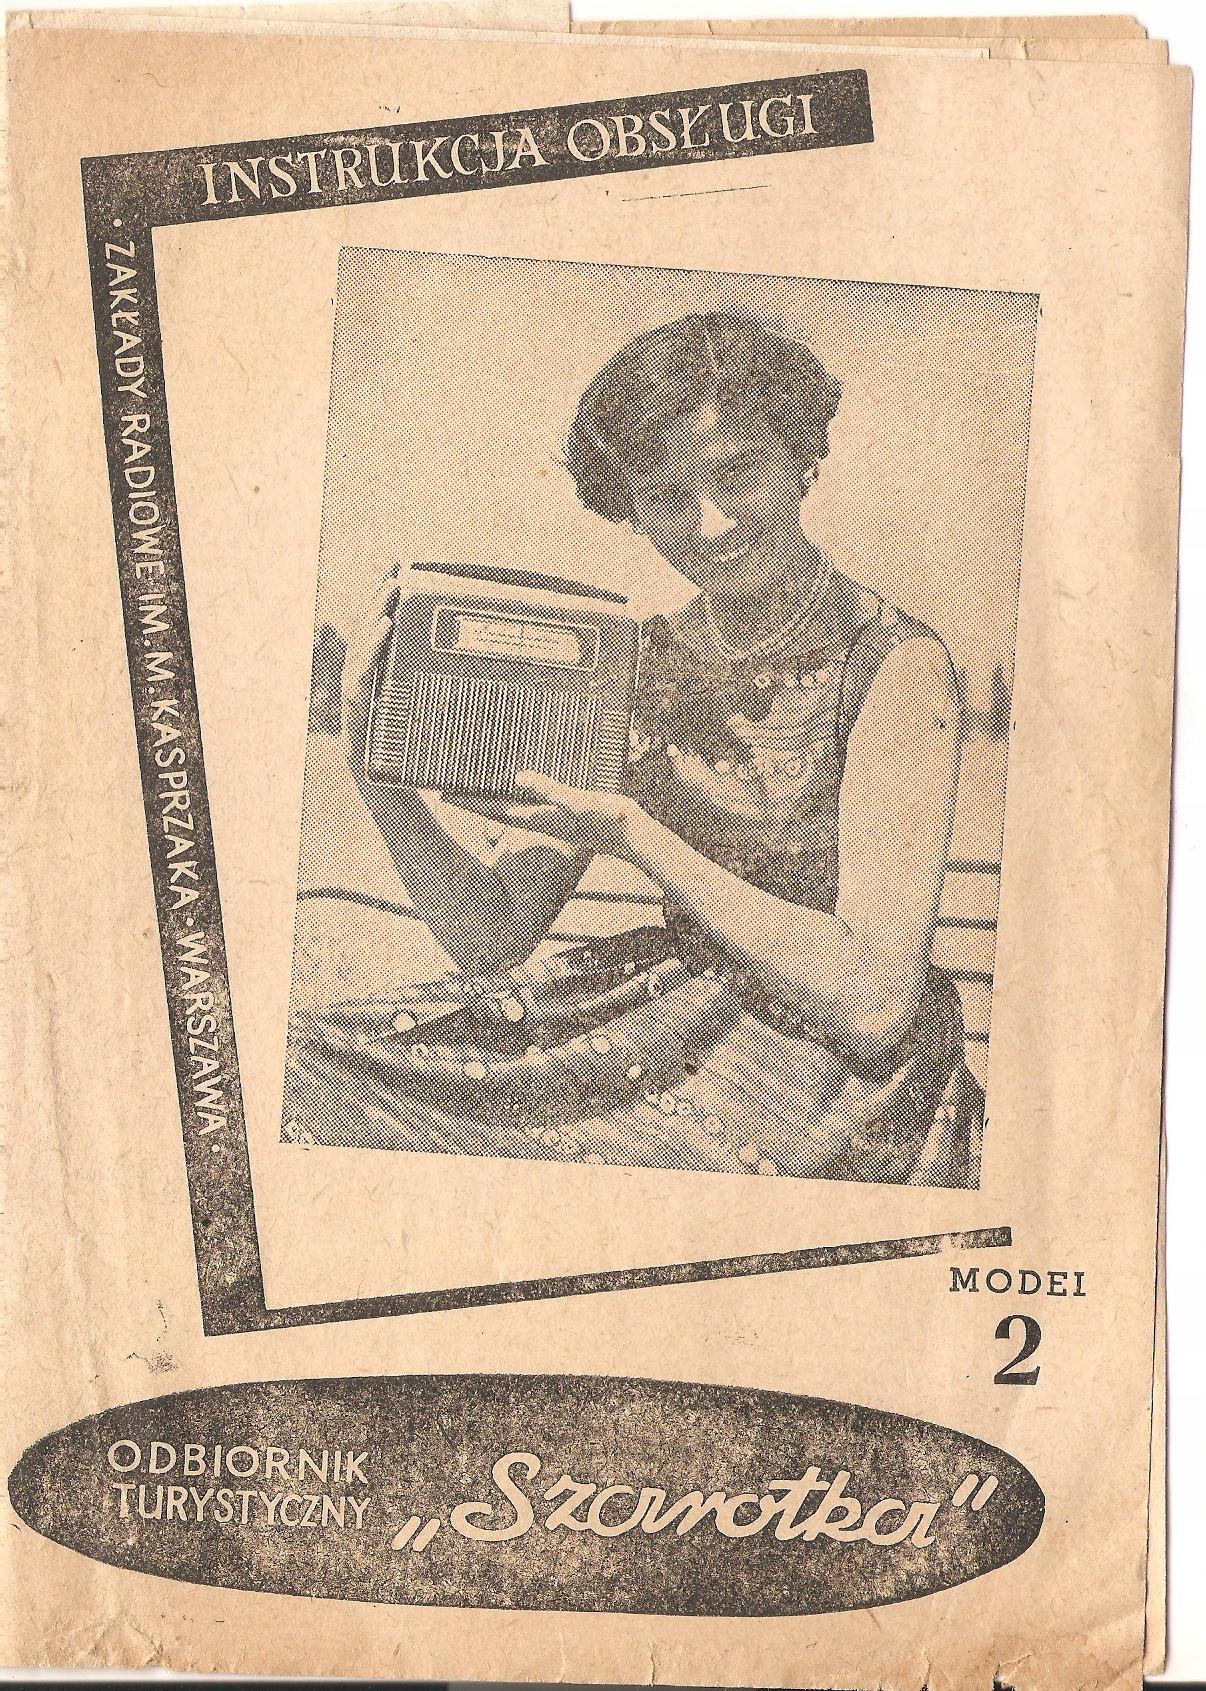 Instrukcja obsługi radio Szarotka, l. 50